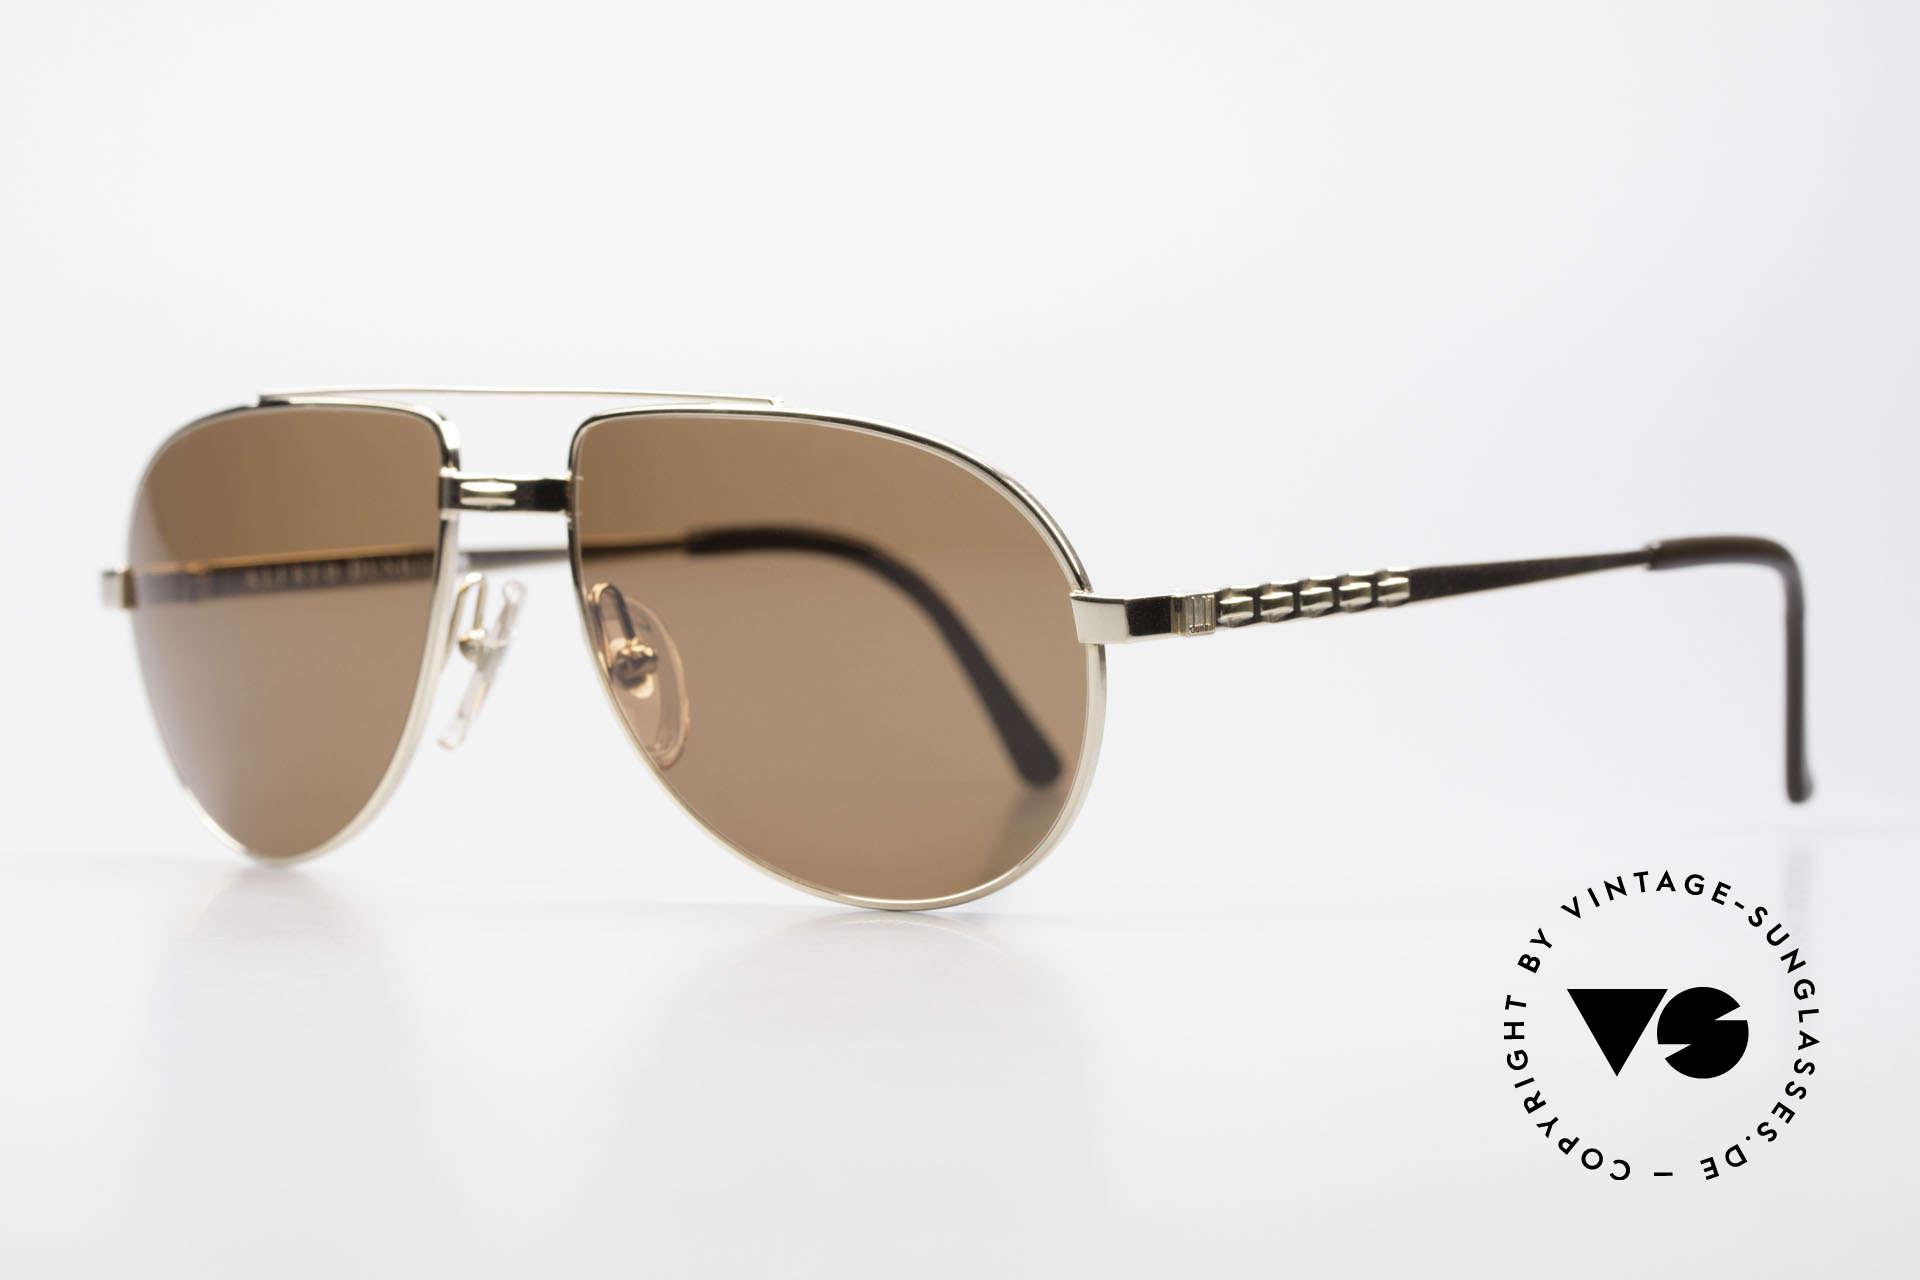 Dunhill 6147 90er Luxus Aviator Herrenbrille, vergoldeter Rahmen mit braun getönten Sonnengläsern, Passend für Herren